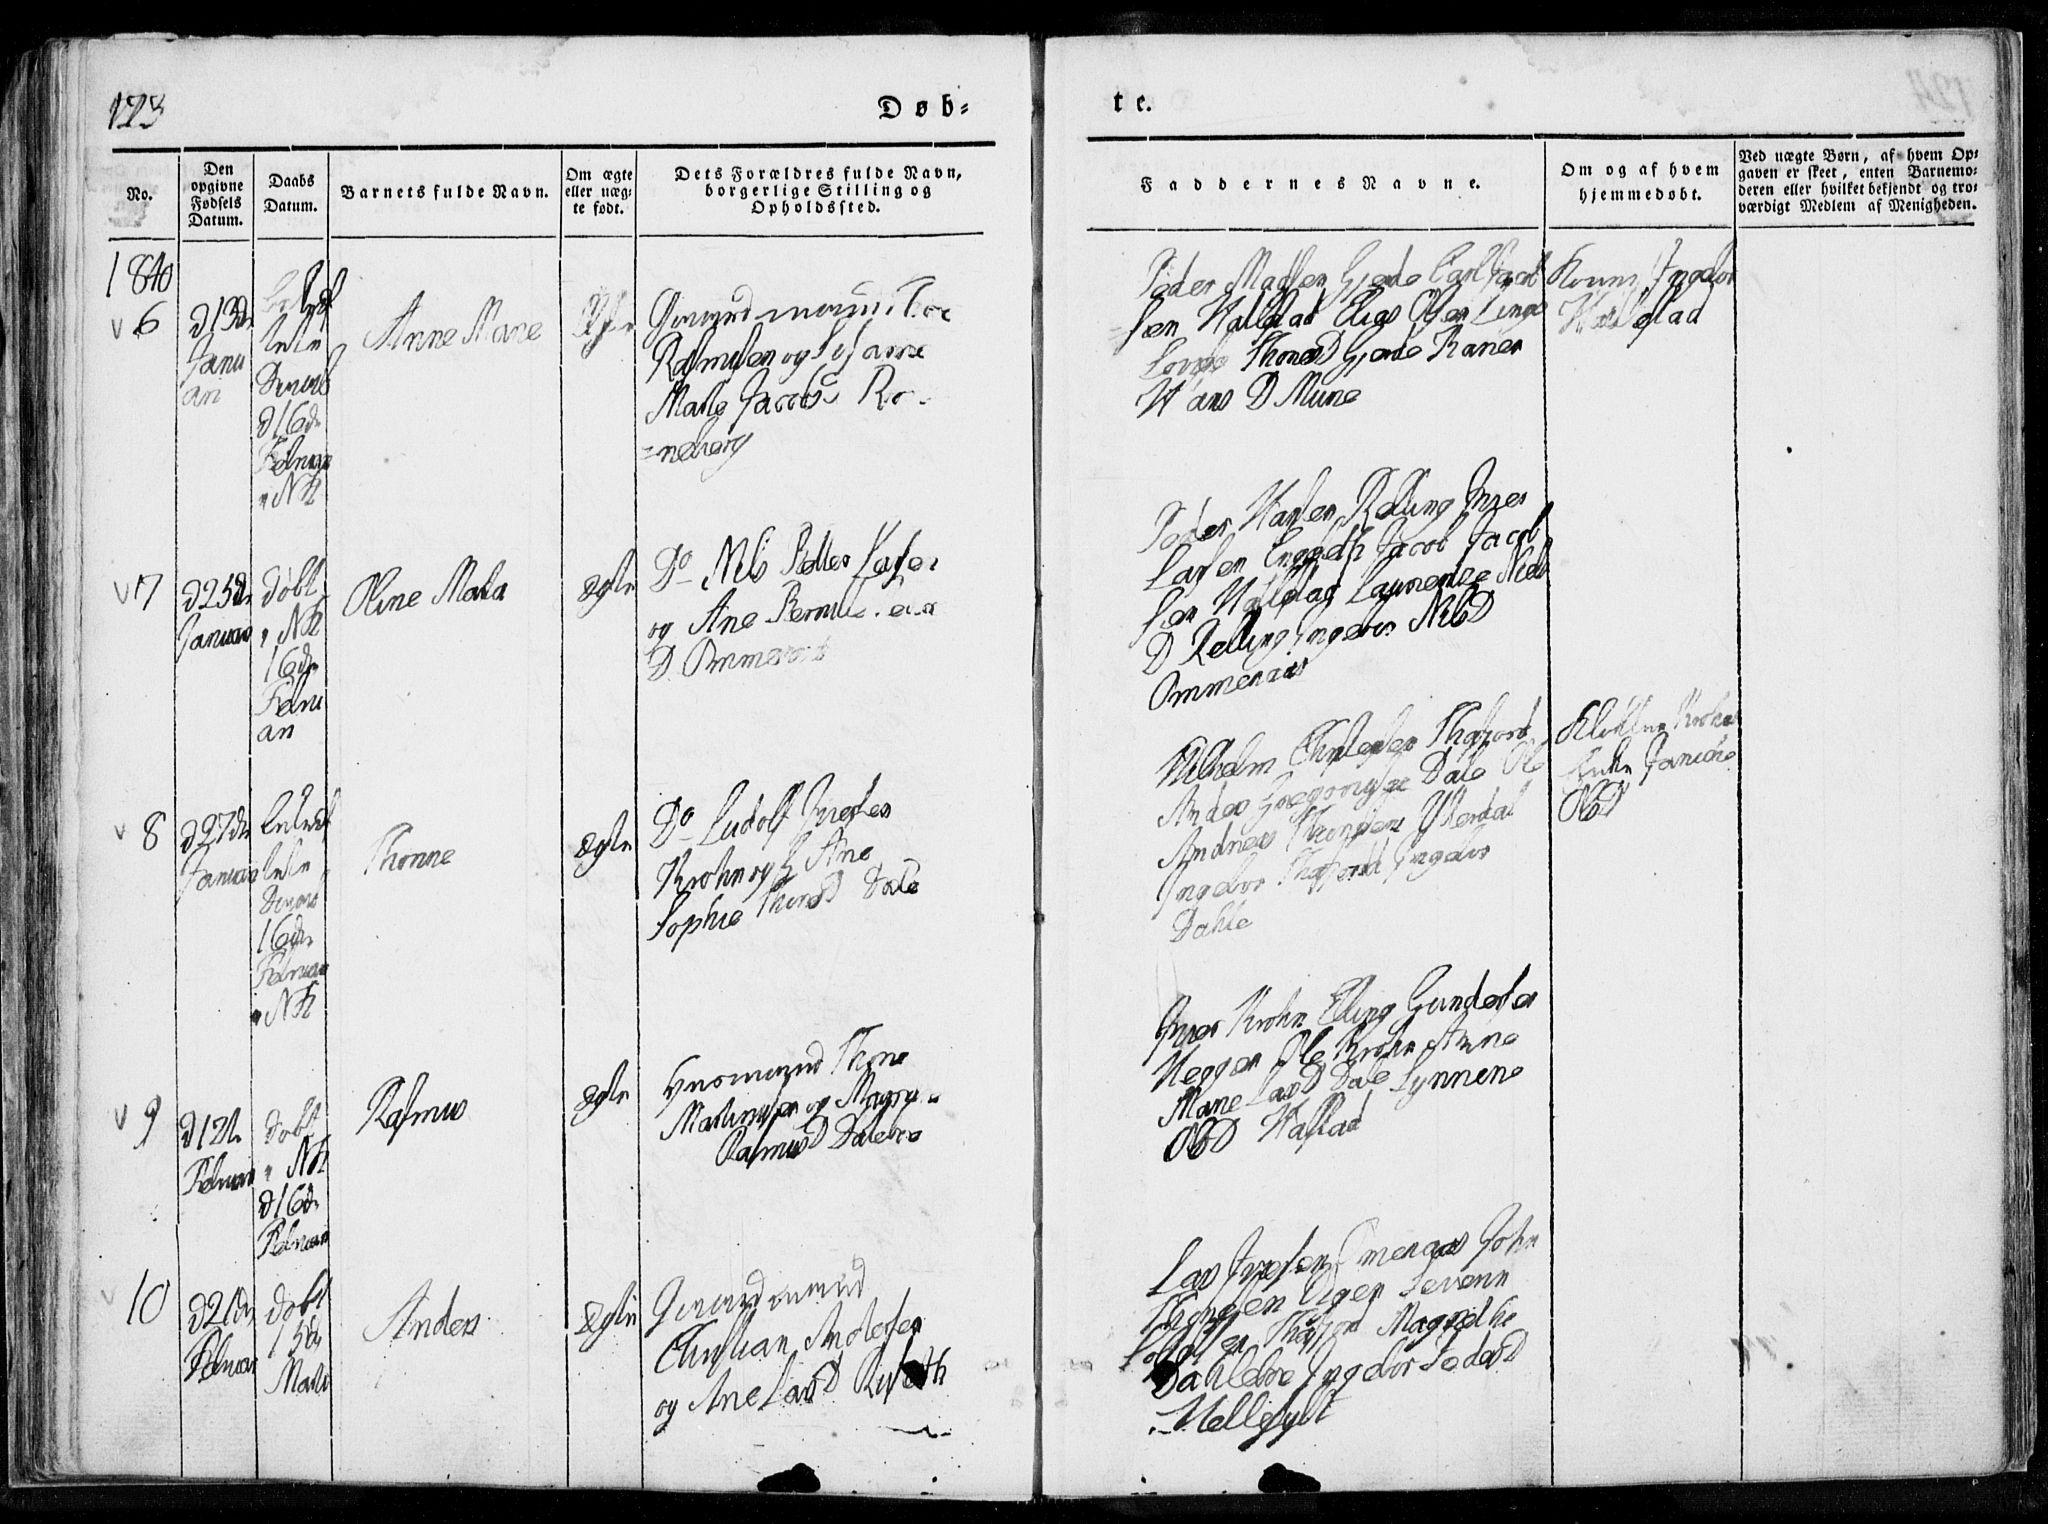 SAT, Ministerialprotokoller, klokkerbøker og fødselsregistre - Møre og Romsdal, 519/L0247: Ministerialbok nr. 519A06, 1827-1846, s. 123